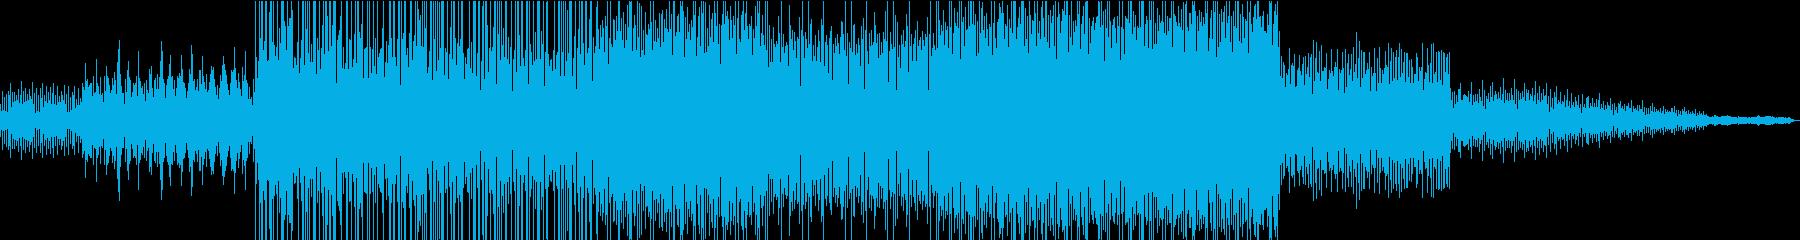 重厚で美しいポストロックの再生済みの波形